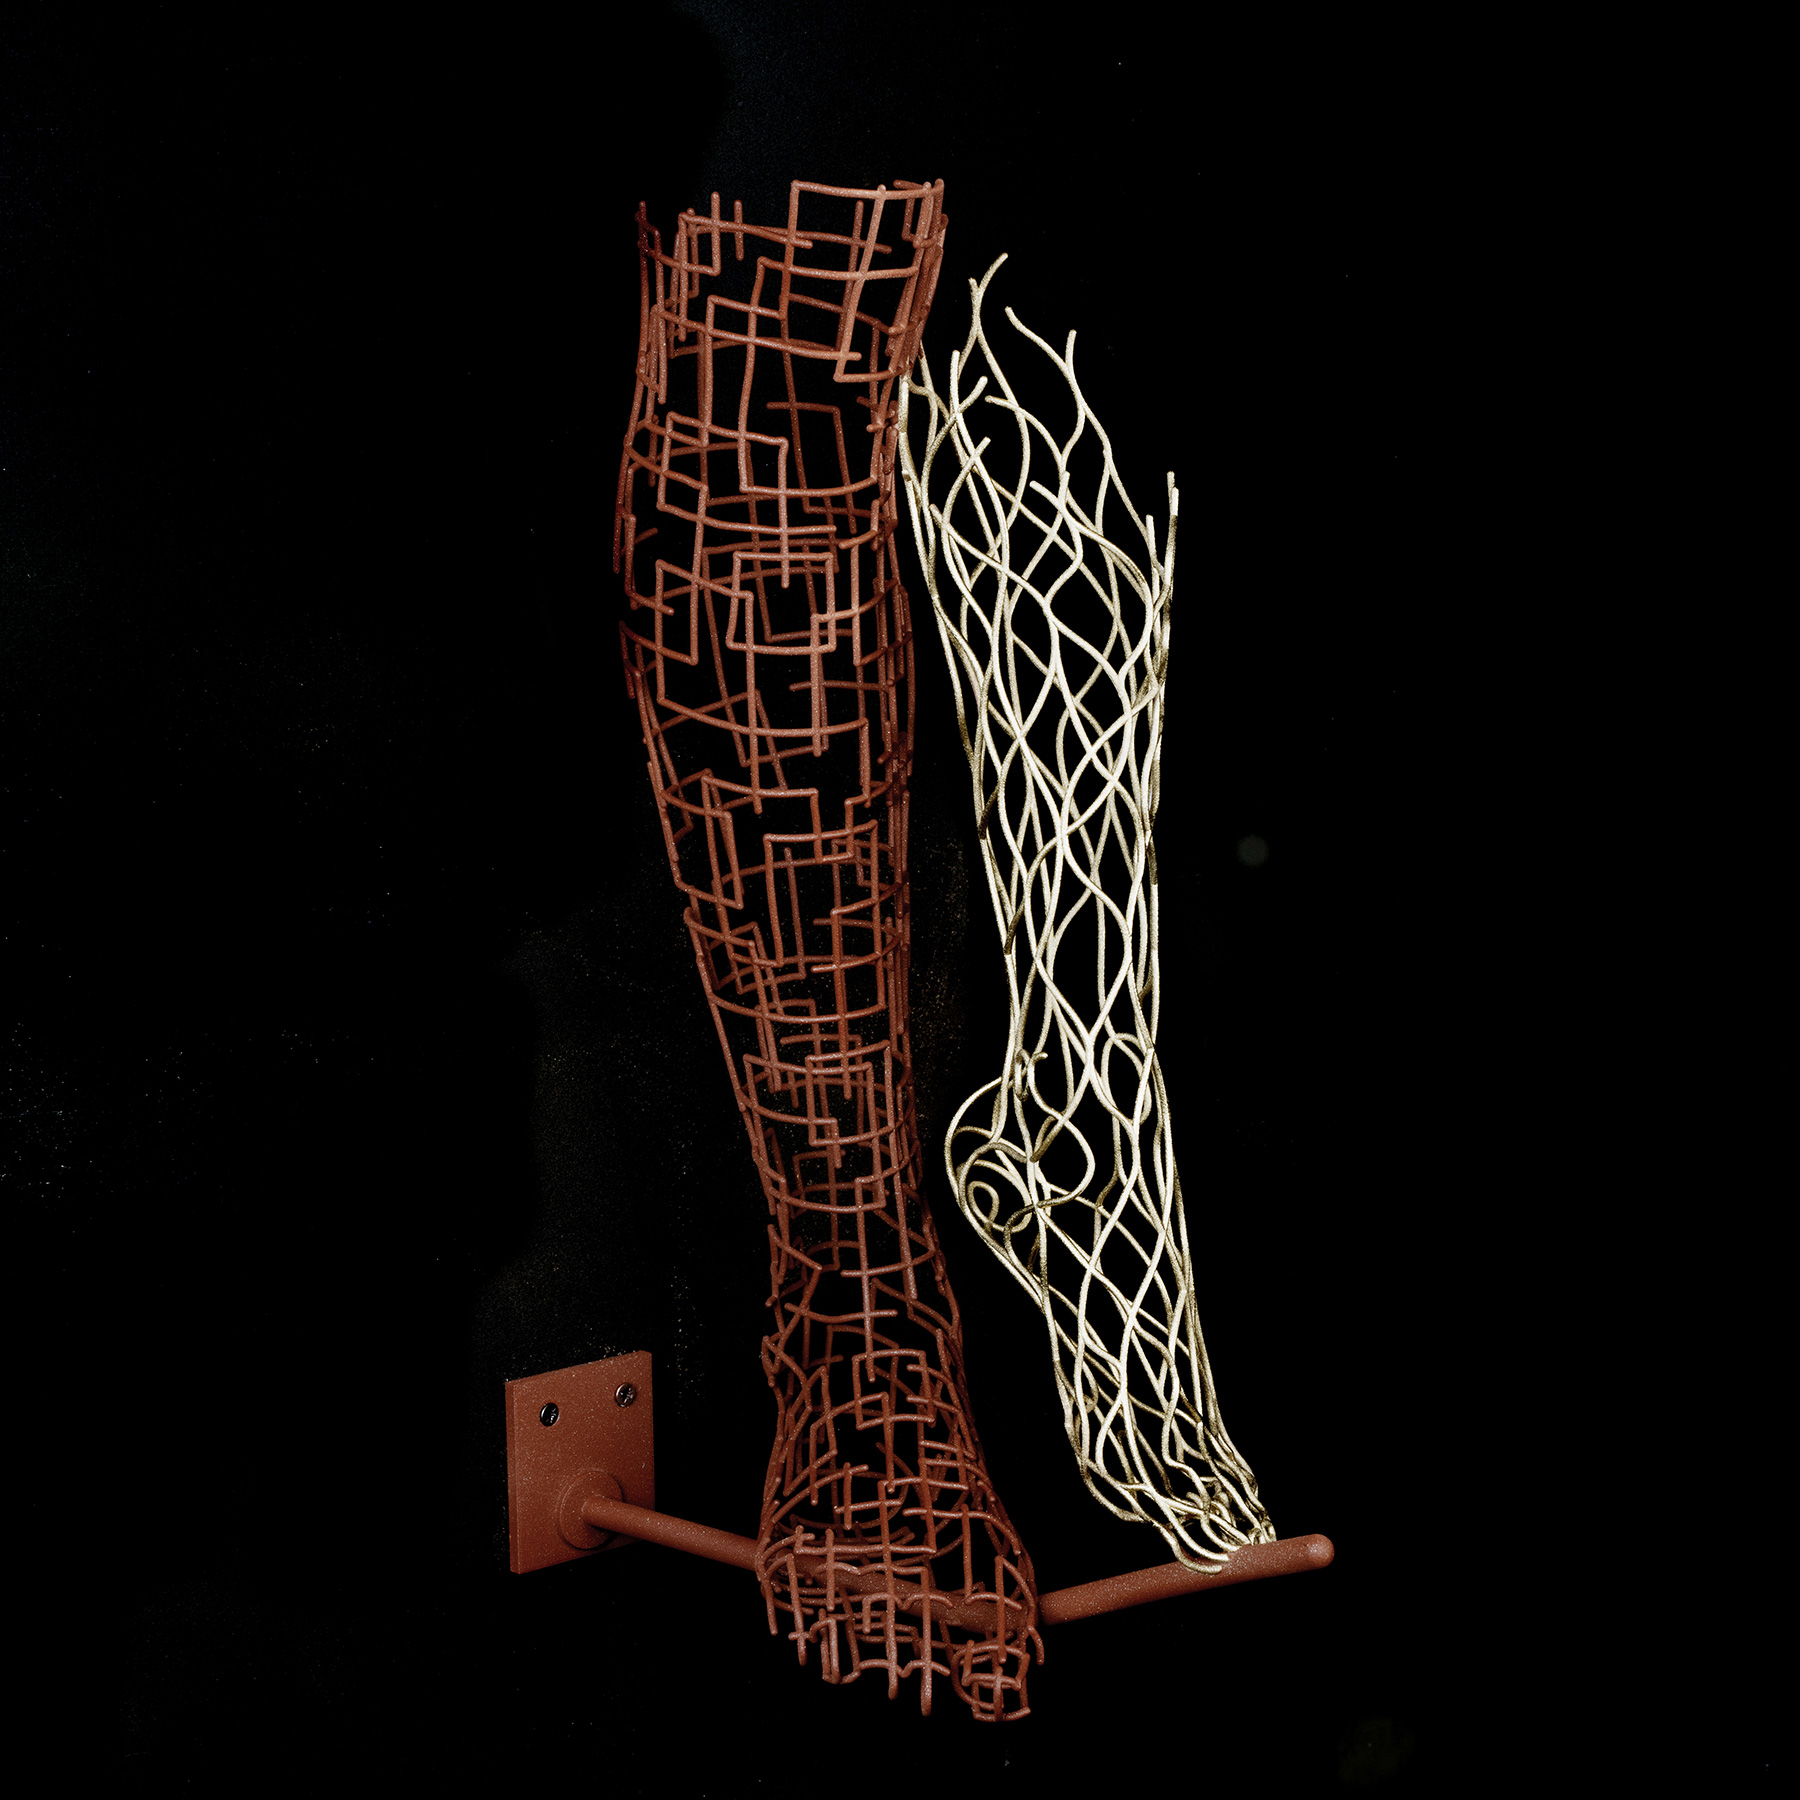 Bonzanos A.G., Equilibristi, Scultura in filo SLS Duraform, realizzata con stampante 3D, 1447x12,5x30,5 cm, 2017. Collezione privata.